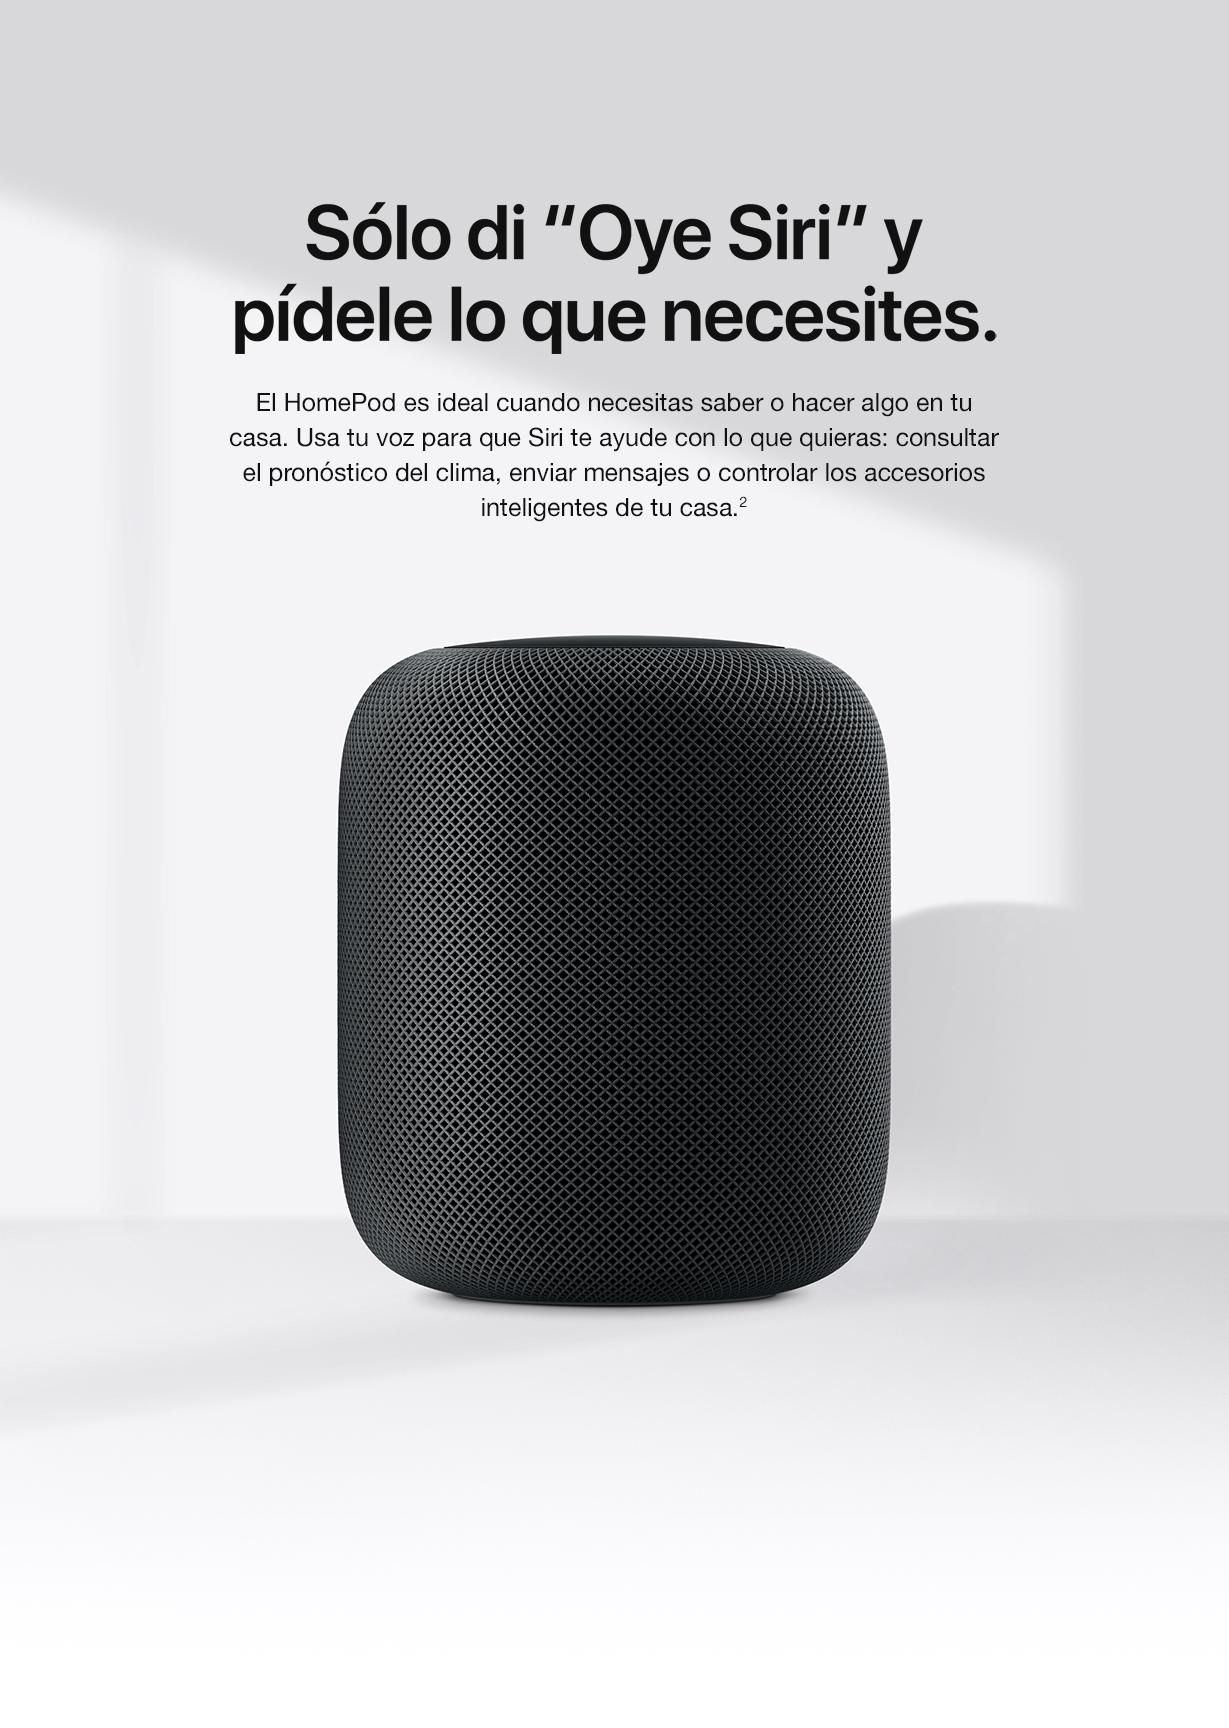 HomePod oye Siri top Macstore